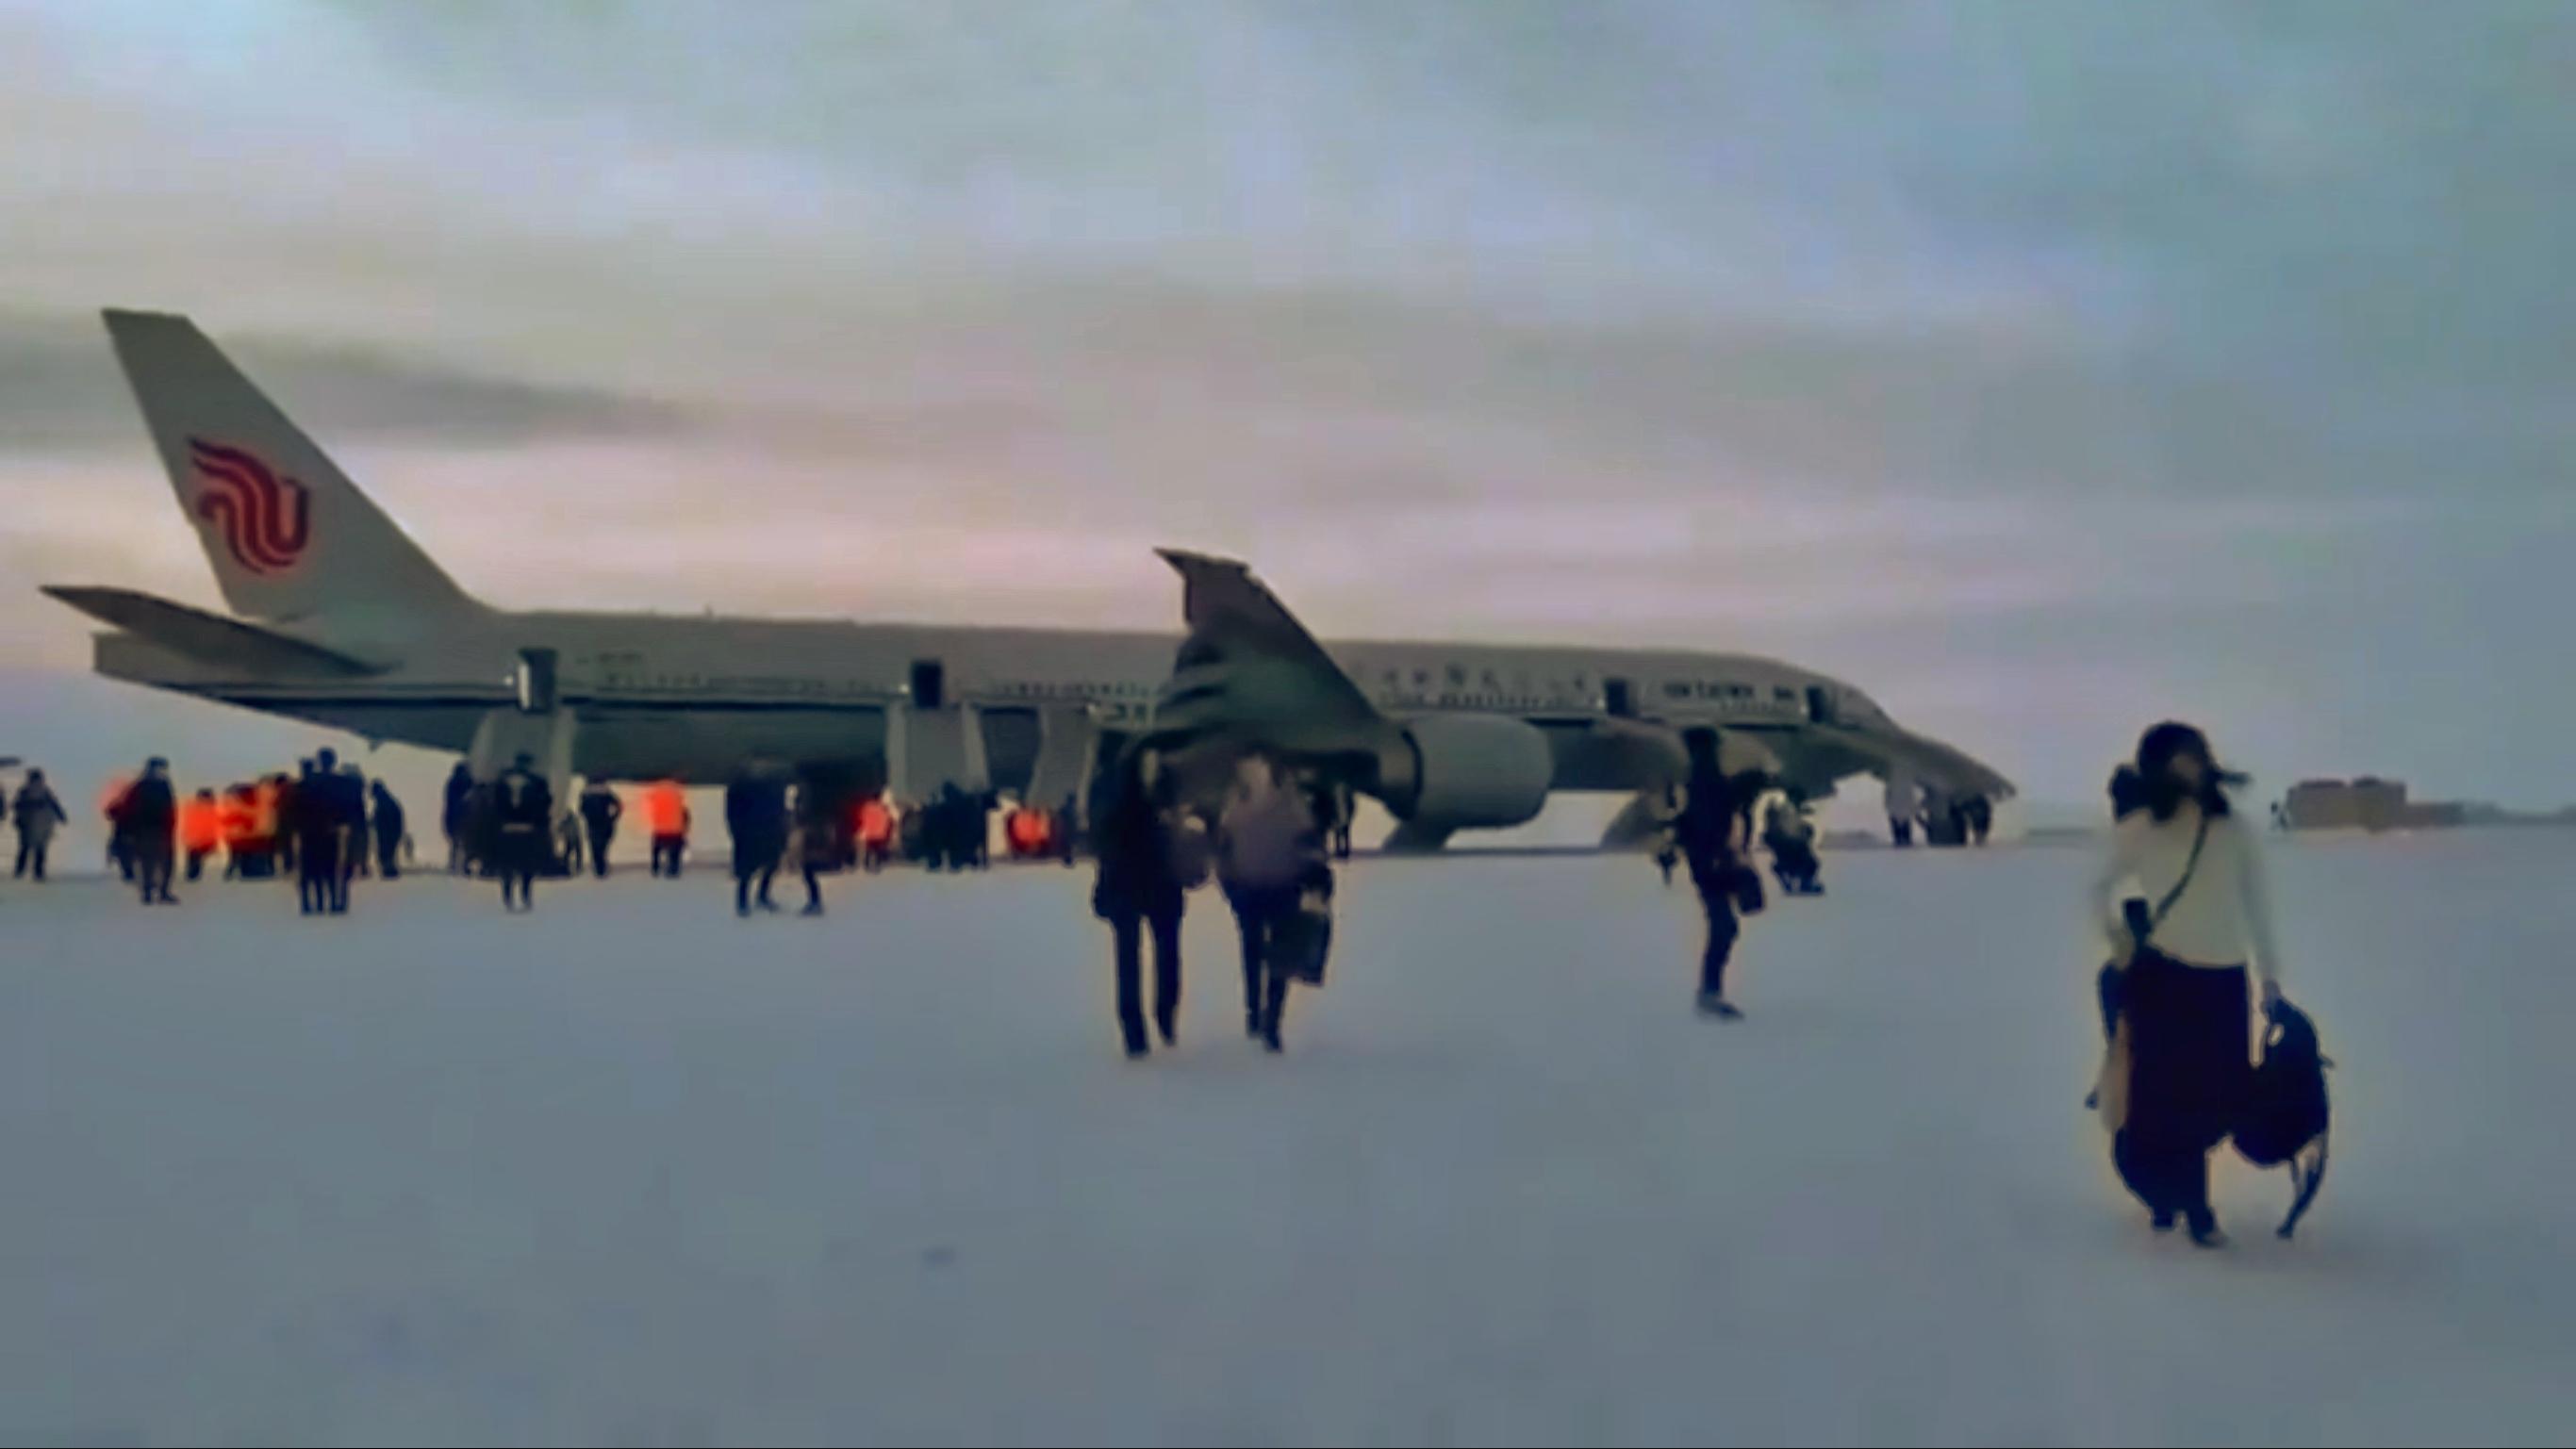 Вопросы экстренной посадки на закрытый по регламенту аэропорт «Анадырь»